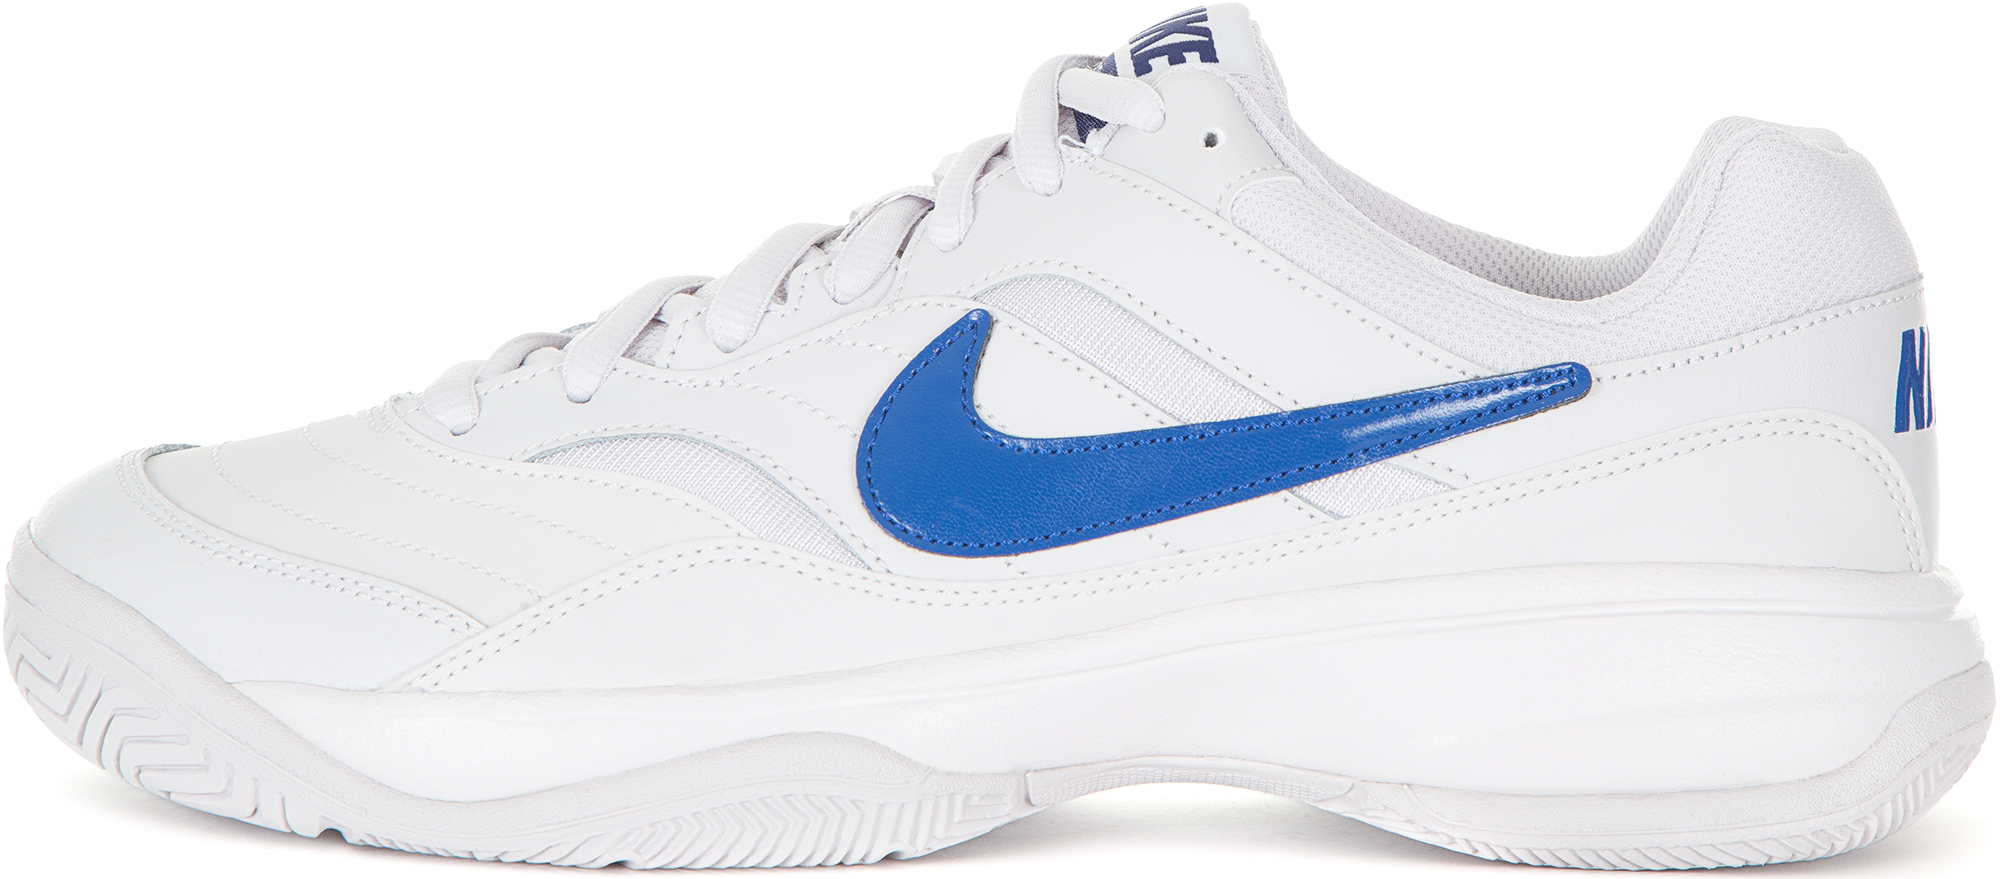 Nike Кроссовки мужские Court Lite, размер 46,5